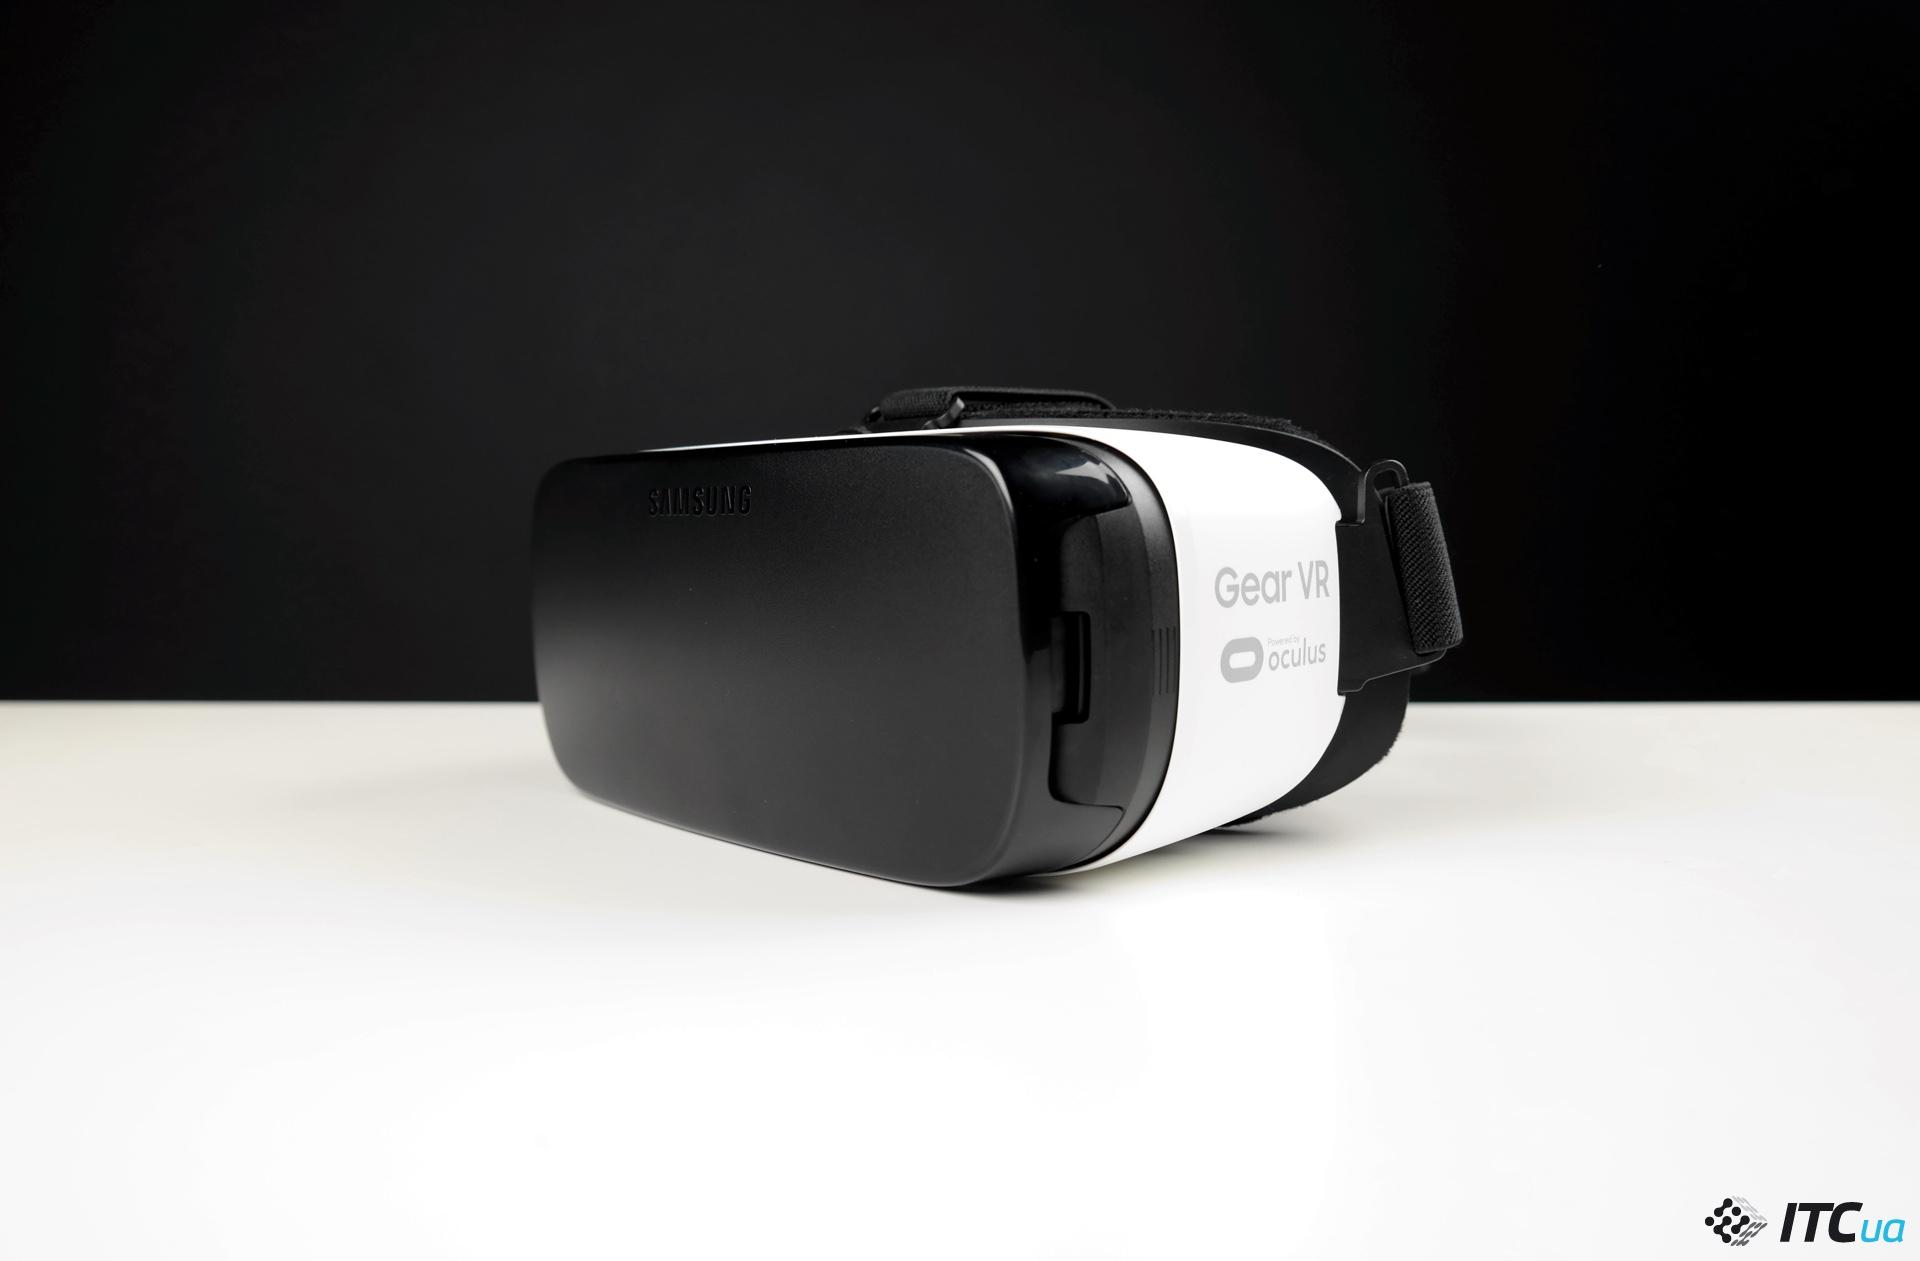 Обзор очков виртуальной реальности фронтальная камера мавик айр алиэкспресс